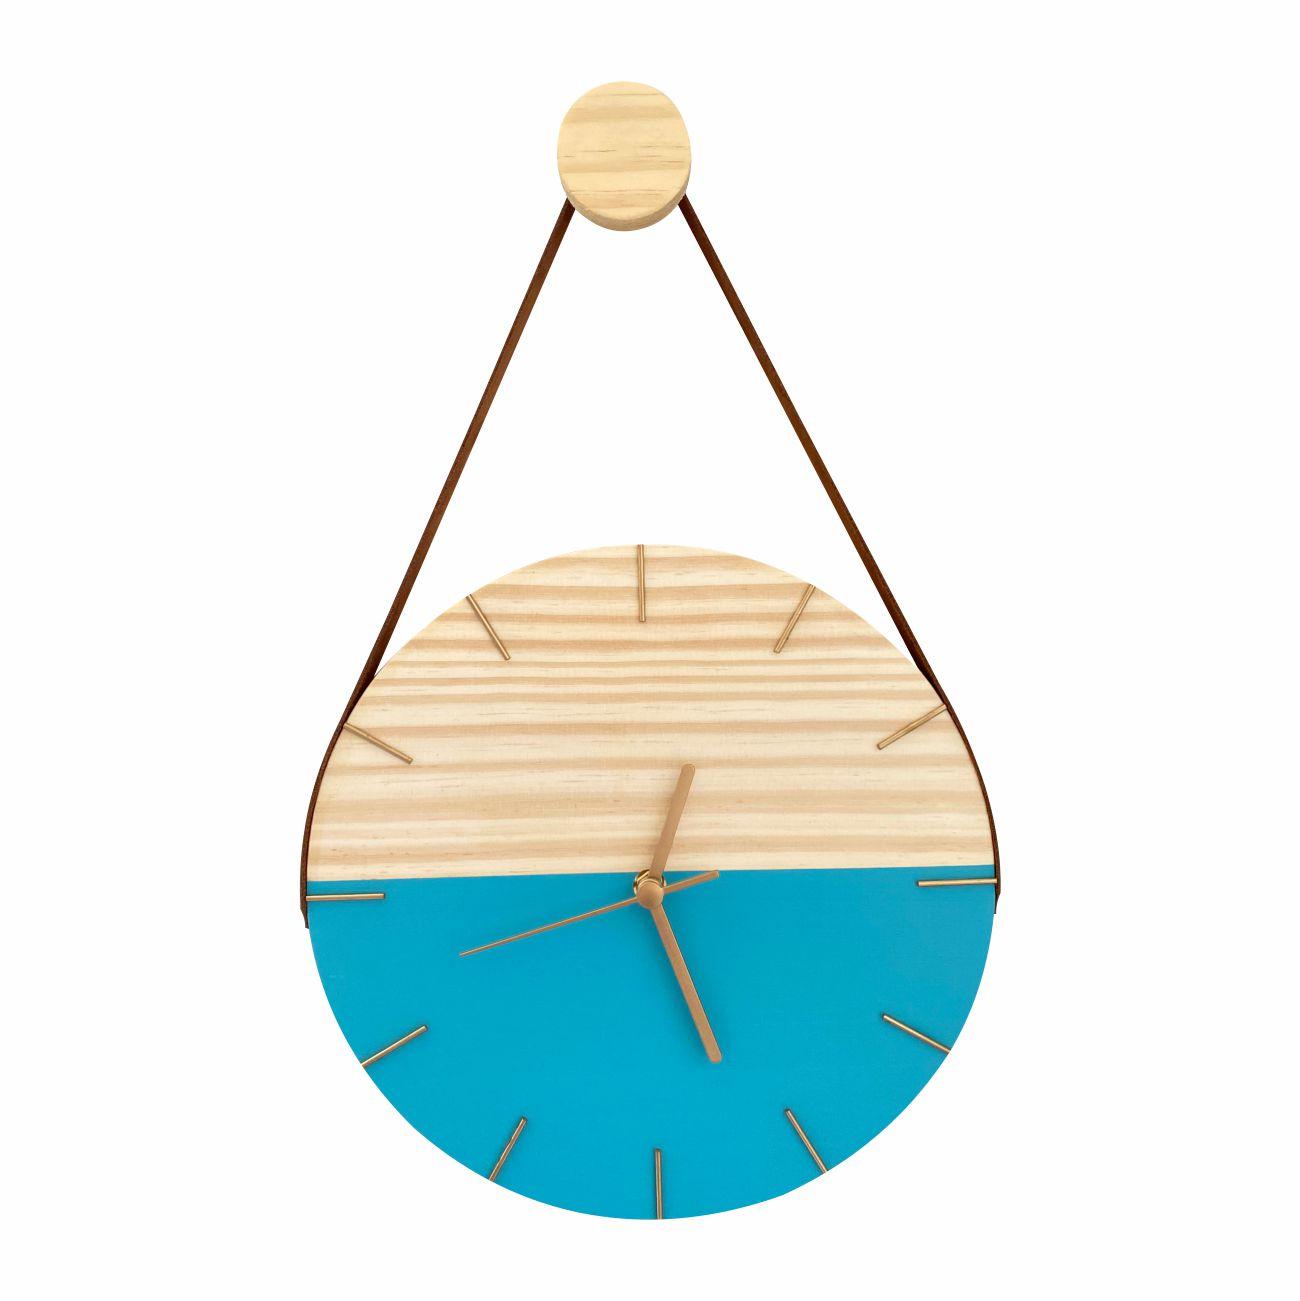 Relógio de Parede Minimalista Azul Tiffany com Alça Caramelo